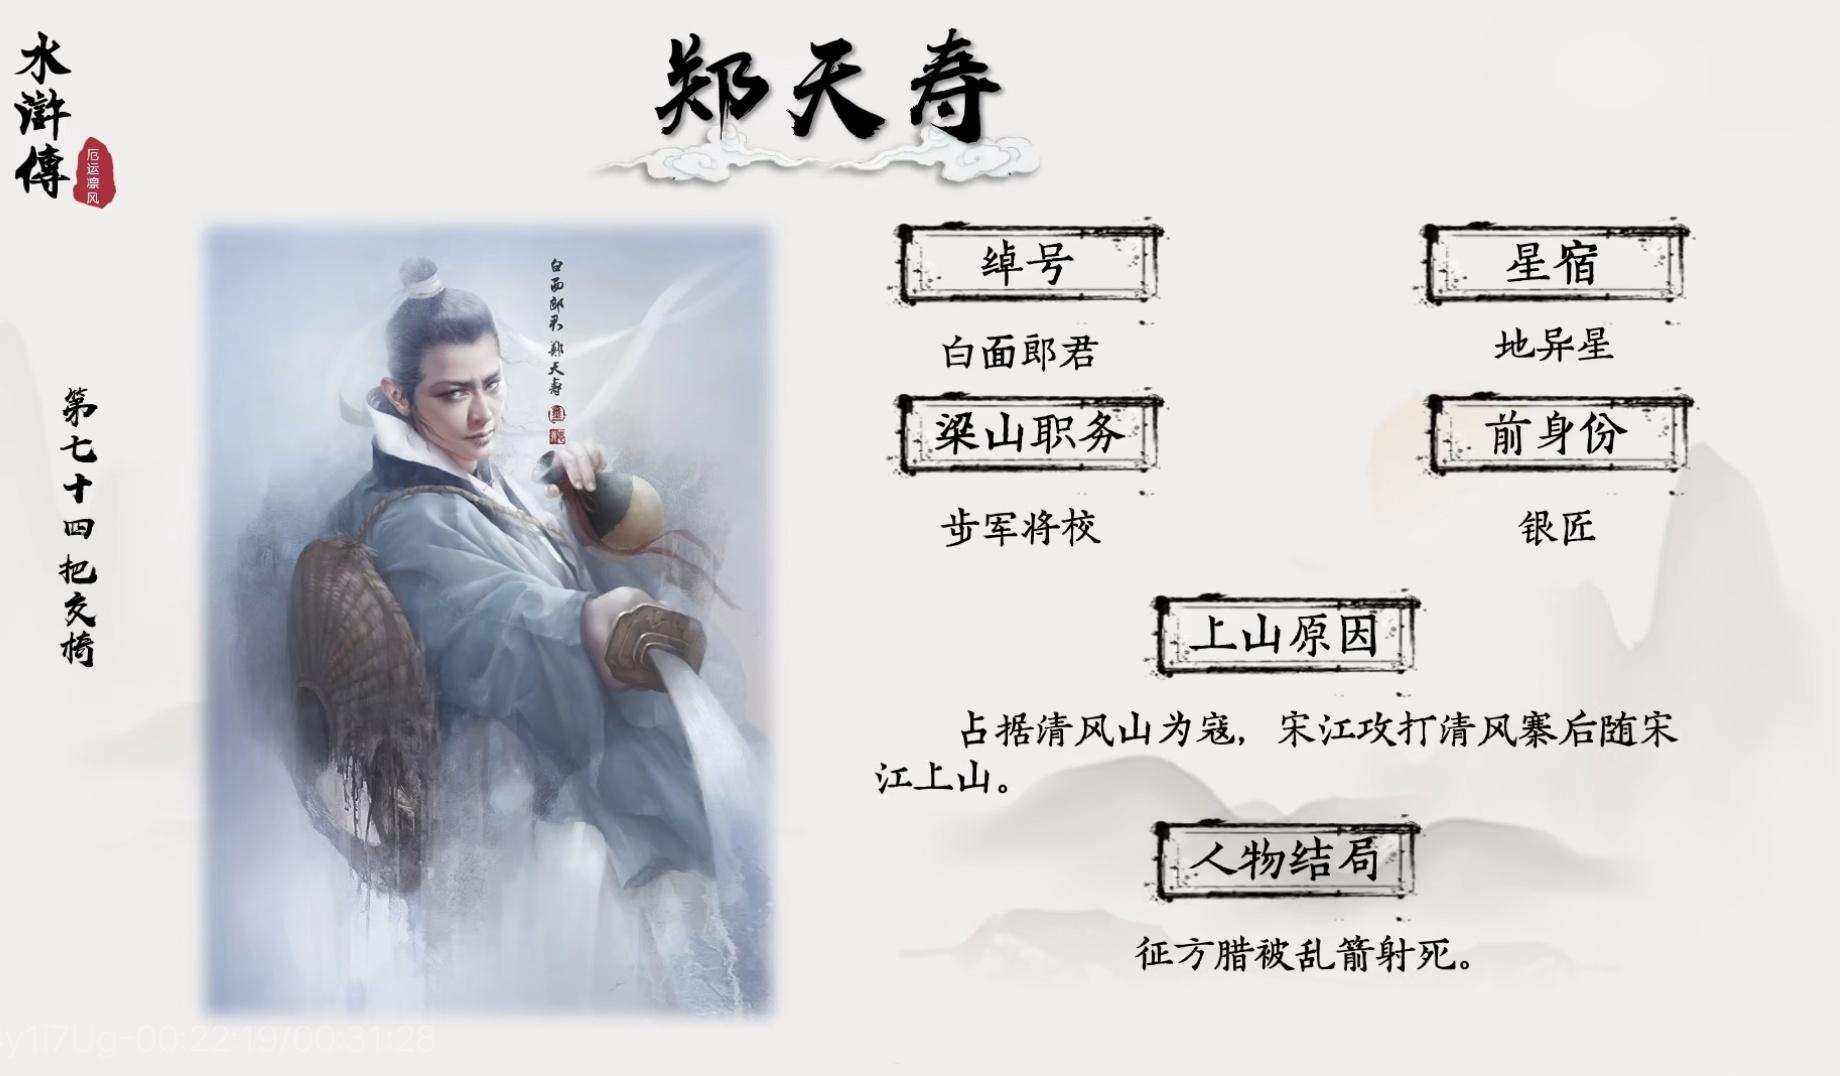 水浒传一百单八将全介绍(出身、职位、结局等)